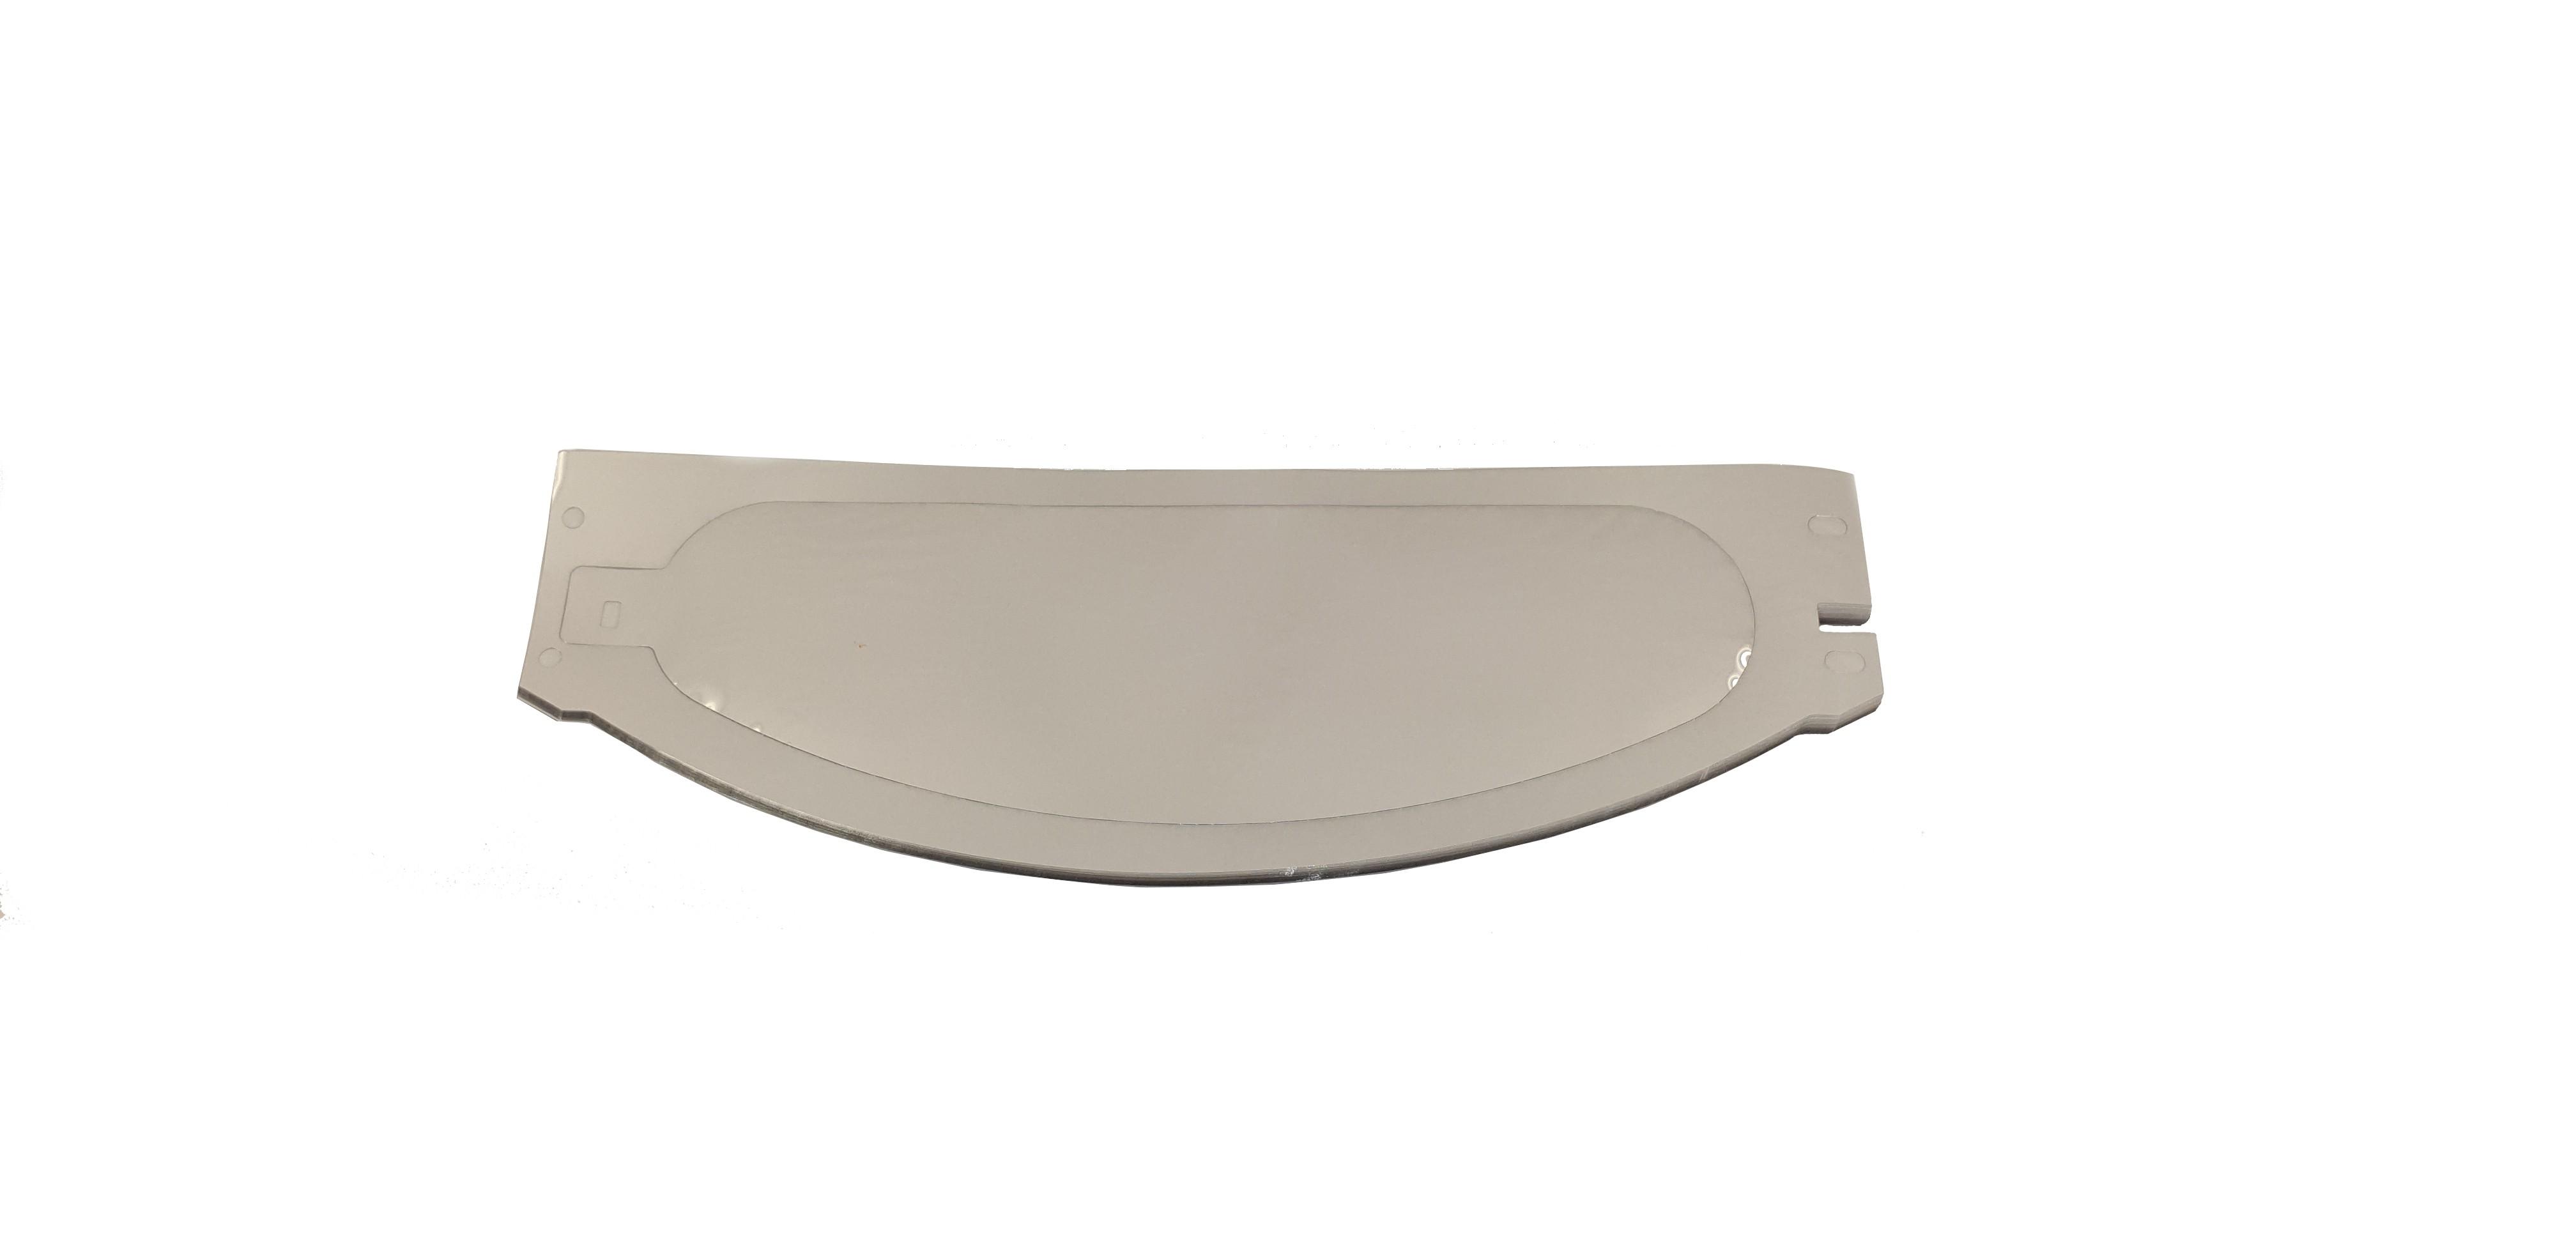 Verschleißscheibe APOLLO 600 0,020 mm